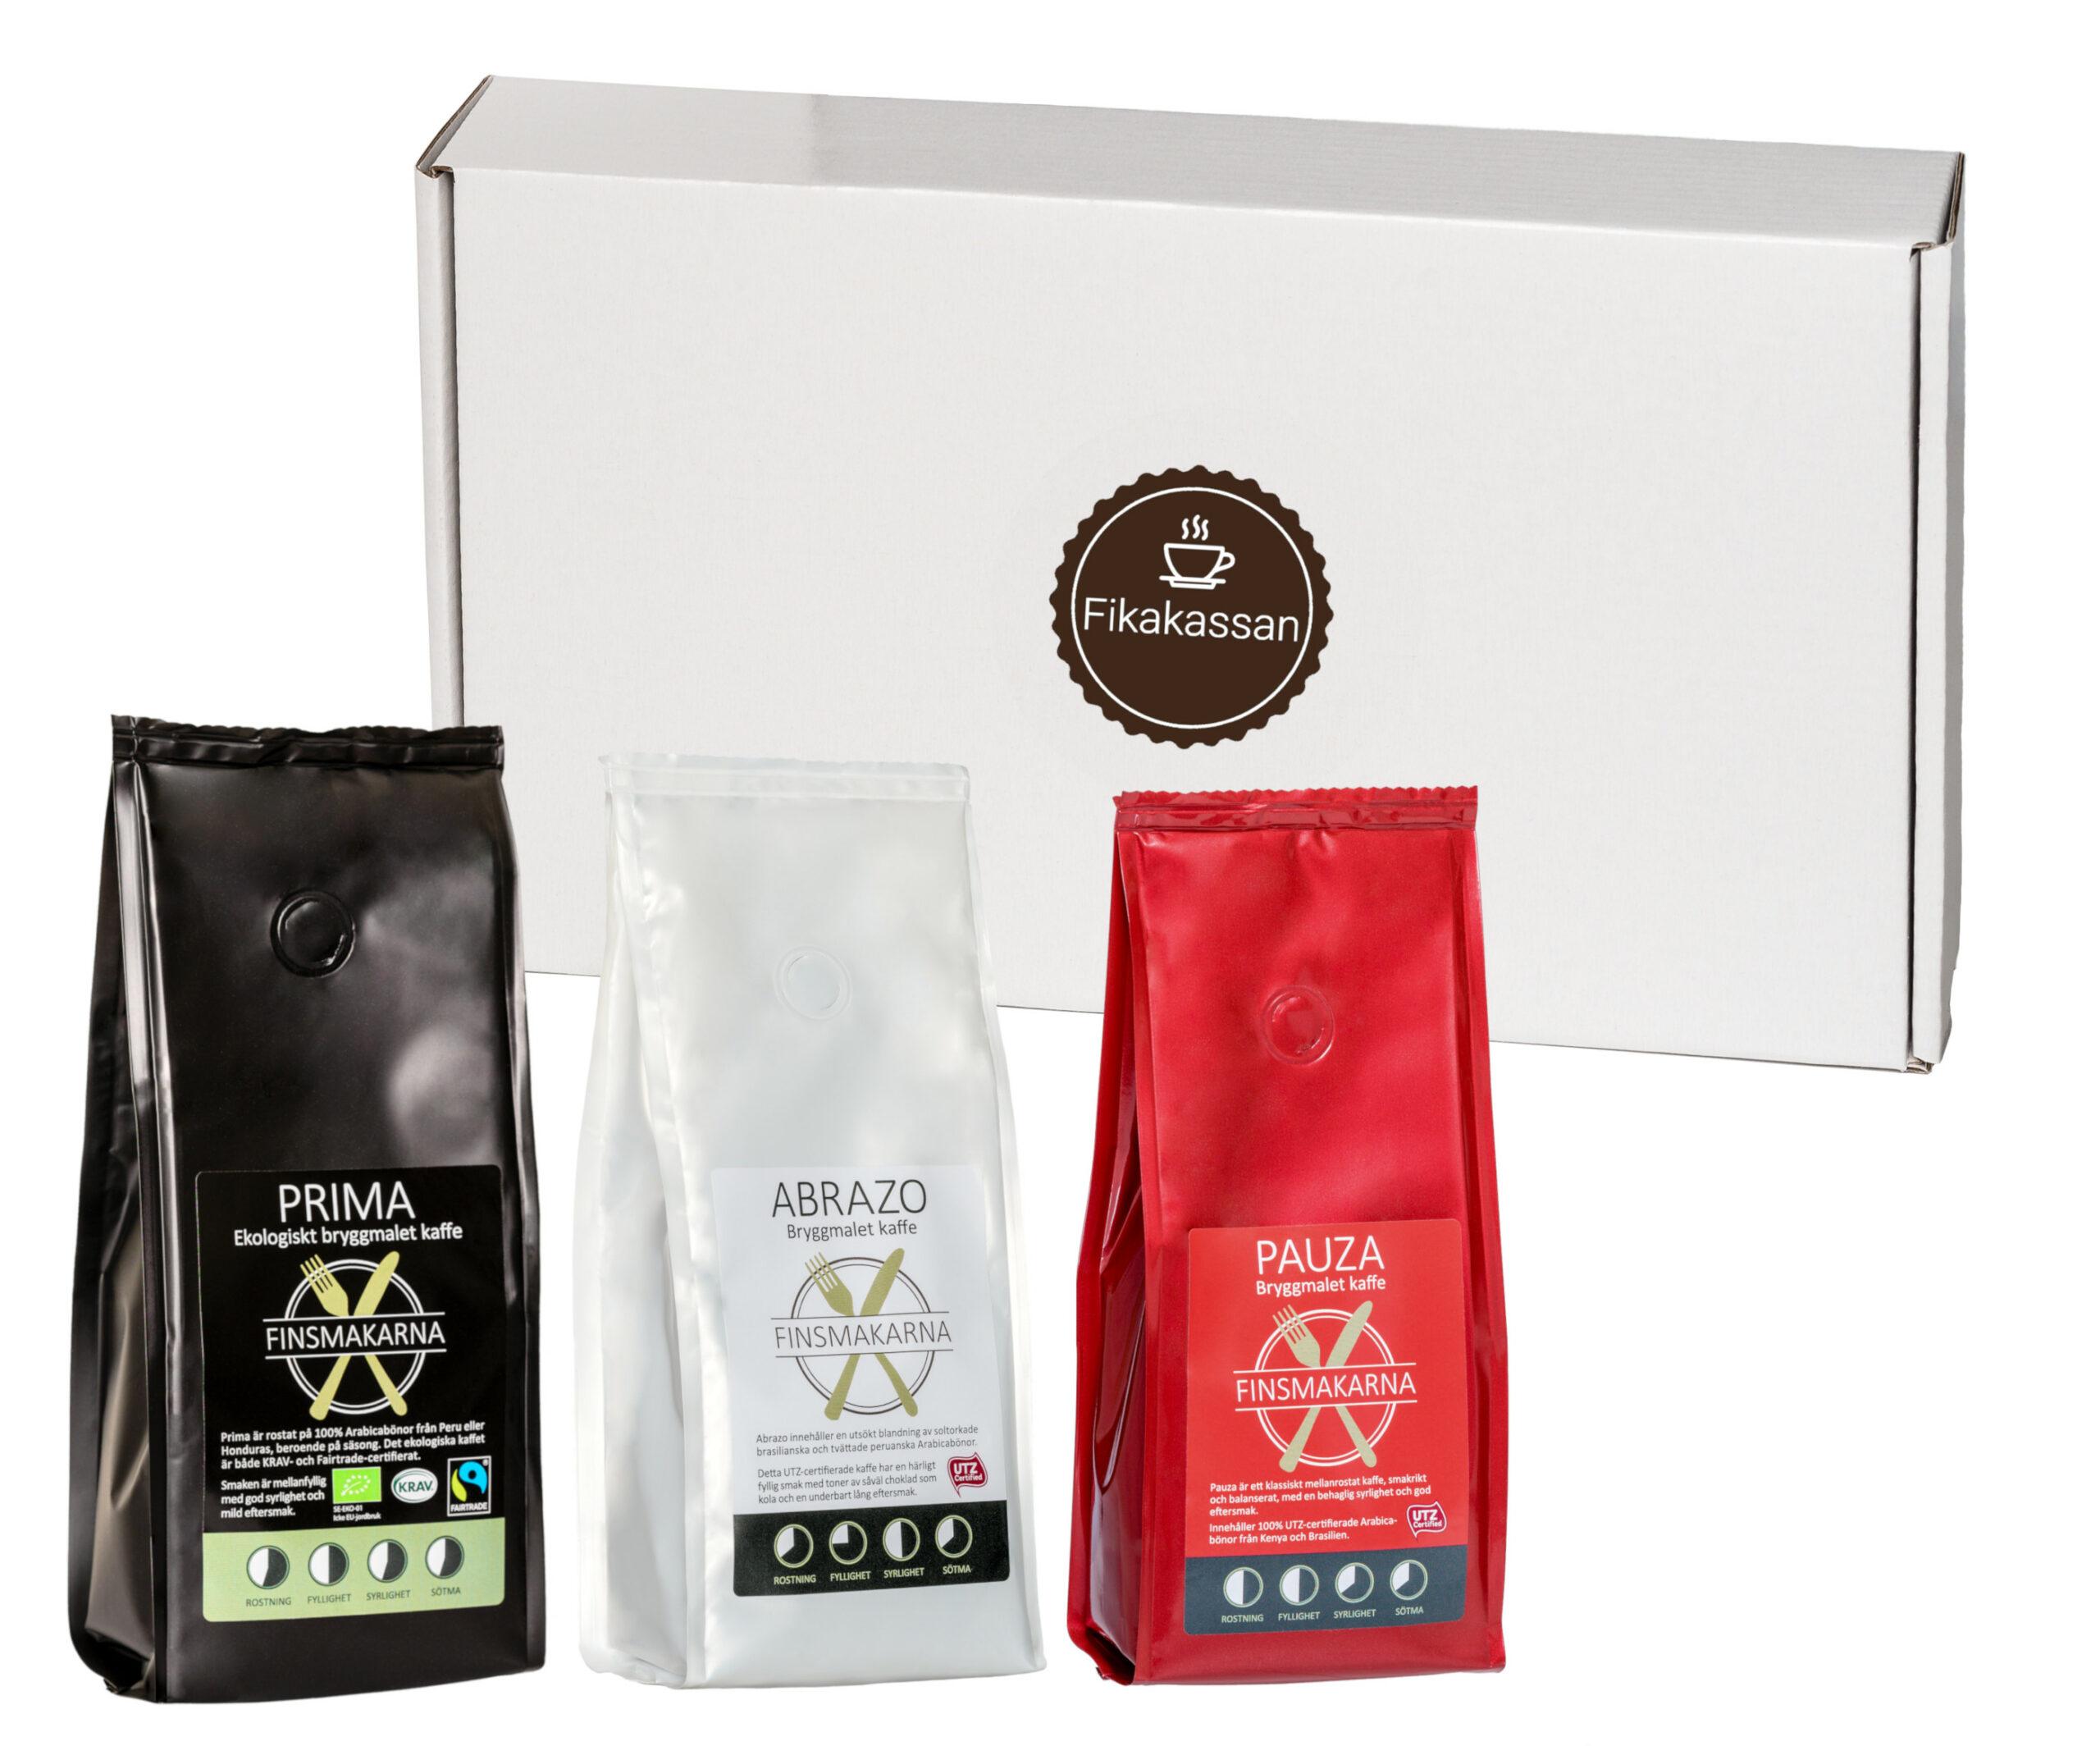 Fikakassan kaffepaket